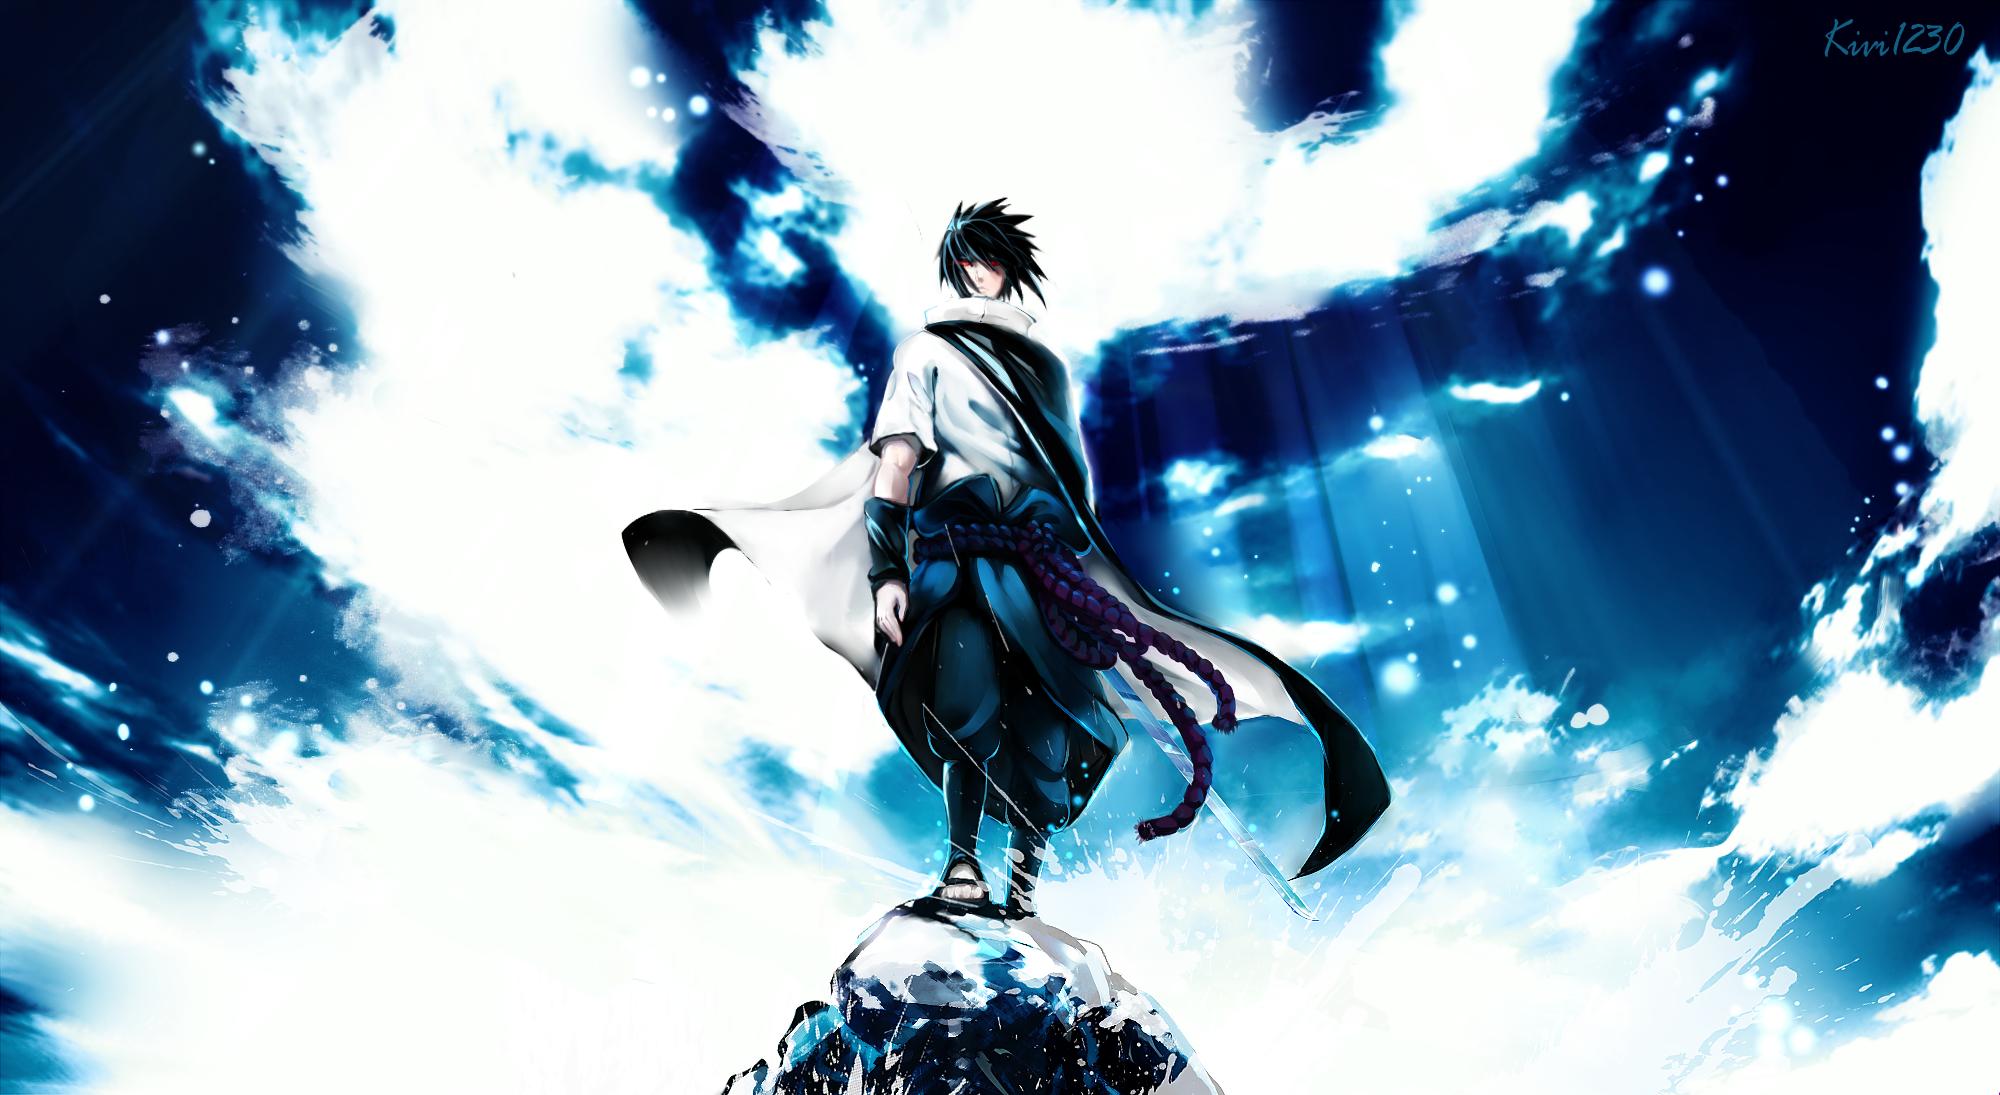 Sasuke uchiha hd wallpaper the best pinterest sasuke uchiha sasuke uchiha hd wallpaper voltagebd Gallery